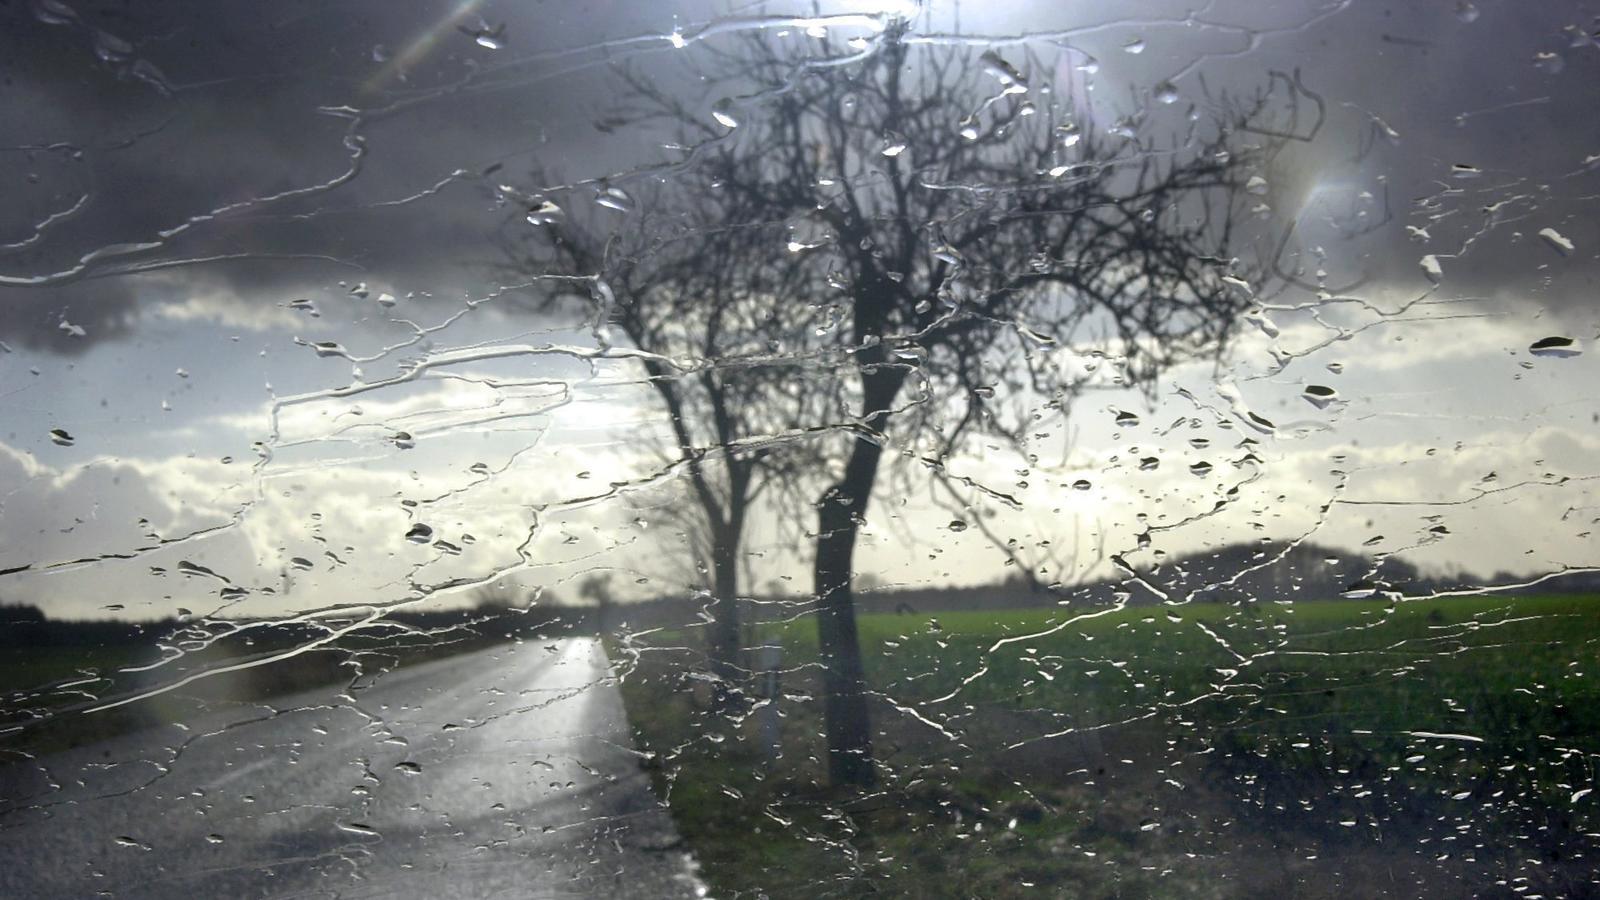 7 Tage Wetter Vom 27022019 Regen Sturm Aber Wenigstens Nicht Kalt